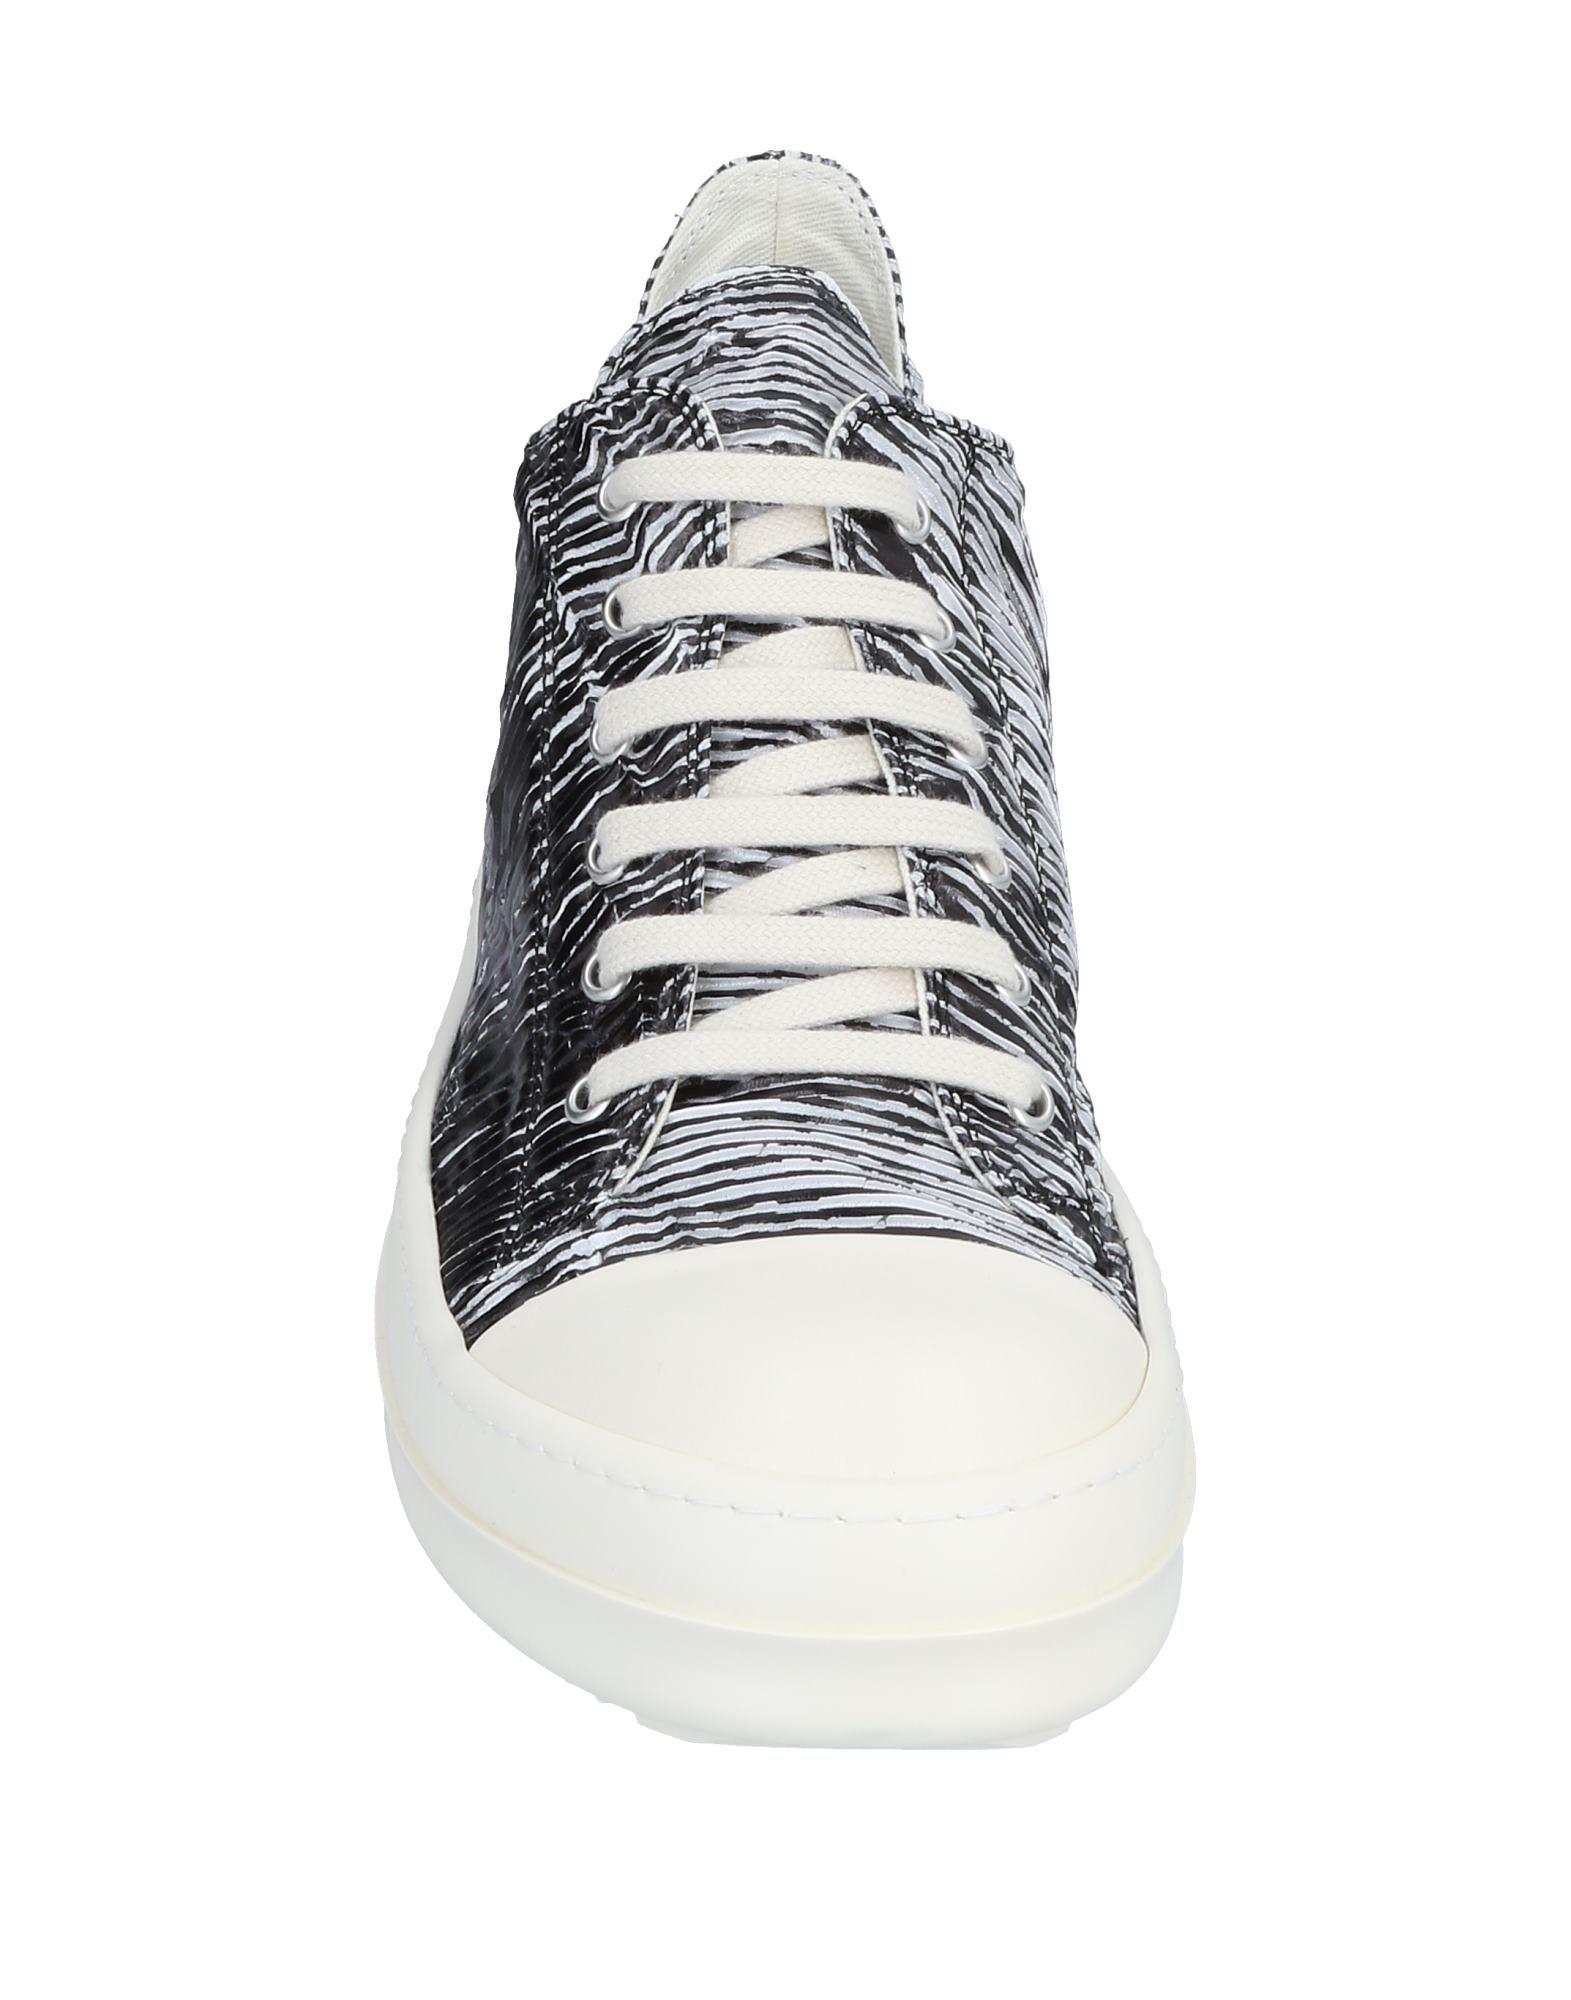 Drkshdw By Rick Rick Rick Owens Sneakers - Men Drkshdw By Rick Owens Sneakers online on  Canada - 11576018CK 6d1008